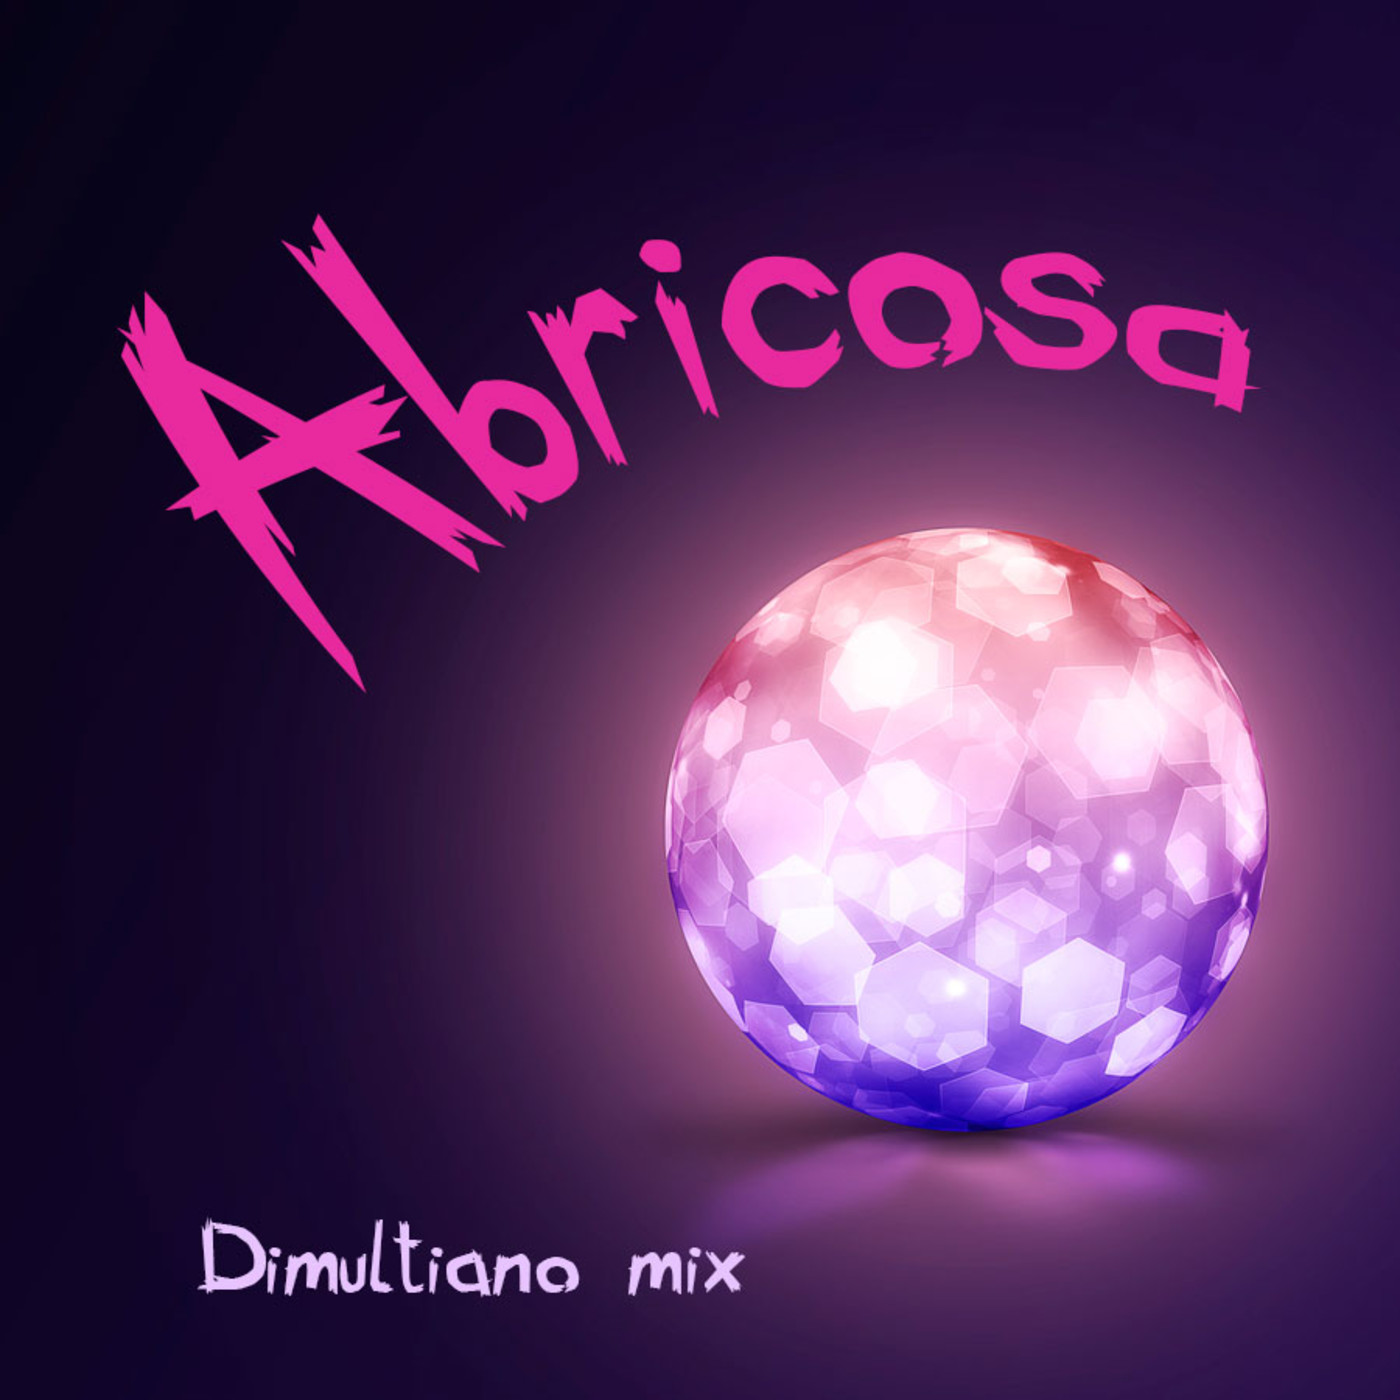 Dimultiano mix - Abricosa